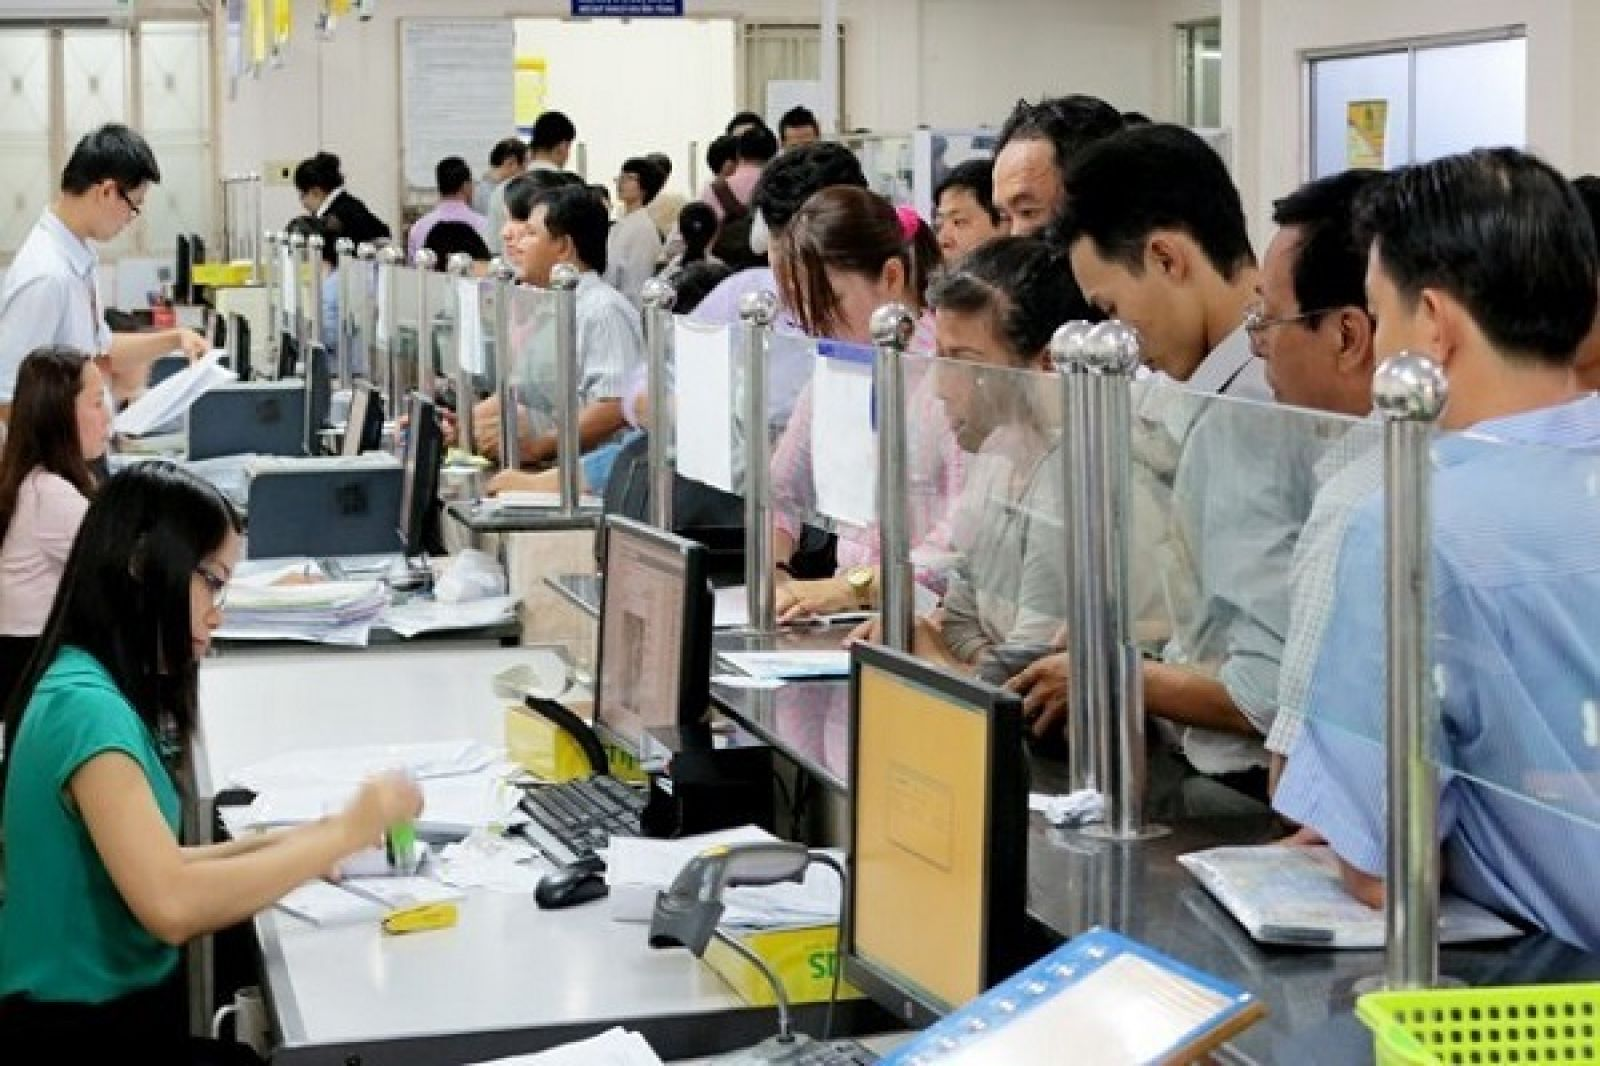 Chỉ số khởi gia nhập thị trường của Việt Nam xếp 106 thế giới, tốn 20 ngày.